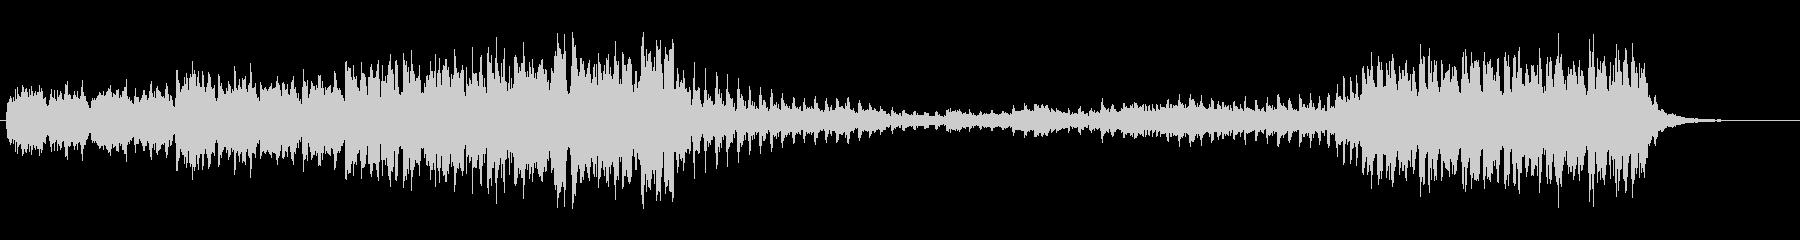 ・軽快なダンスミュージックです・シュー…の未再生の波形